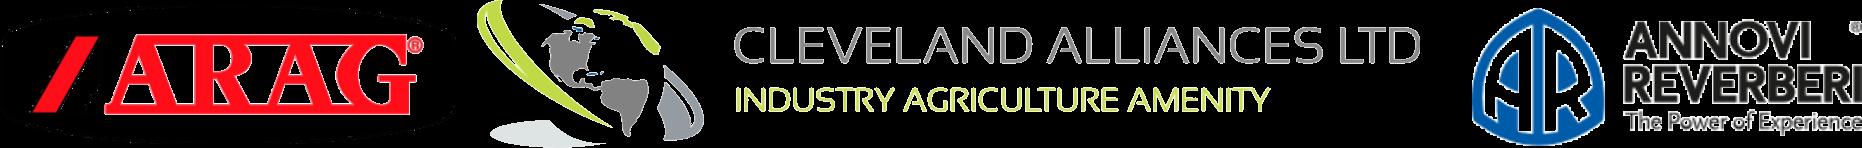 Cleveland Alliances Ltd Arag Parts Division